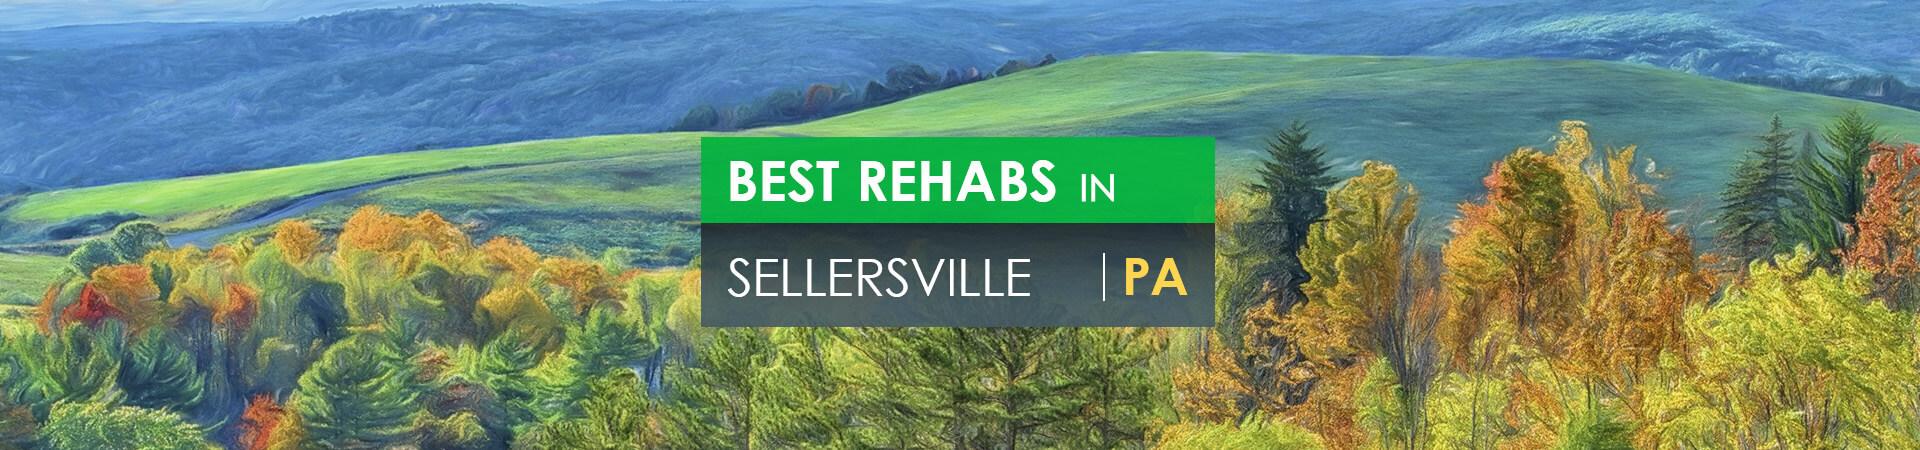 Best rehabs in Sellersville, PA